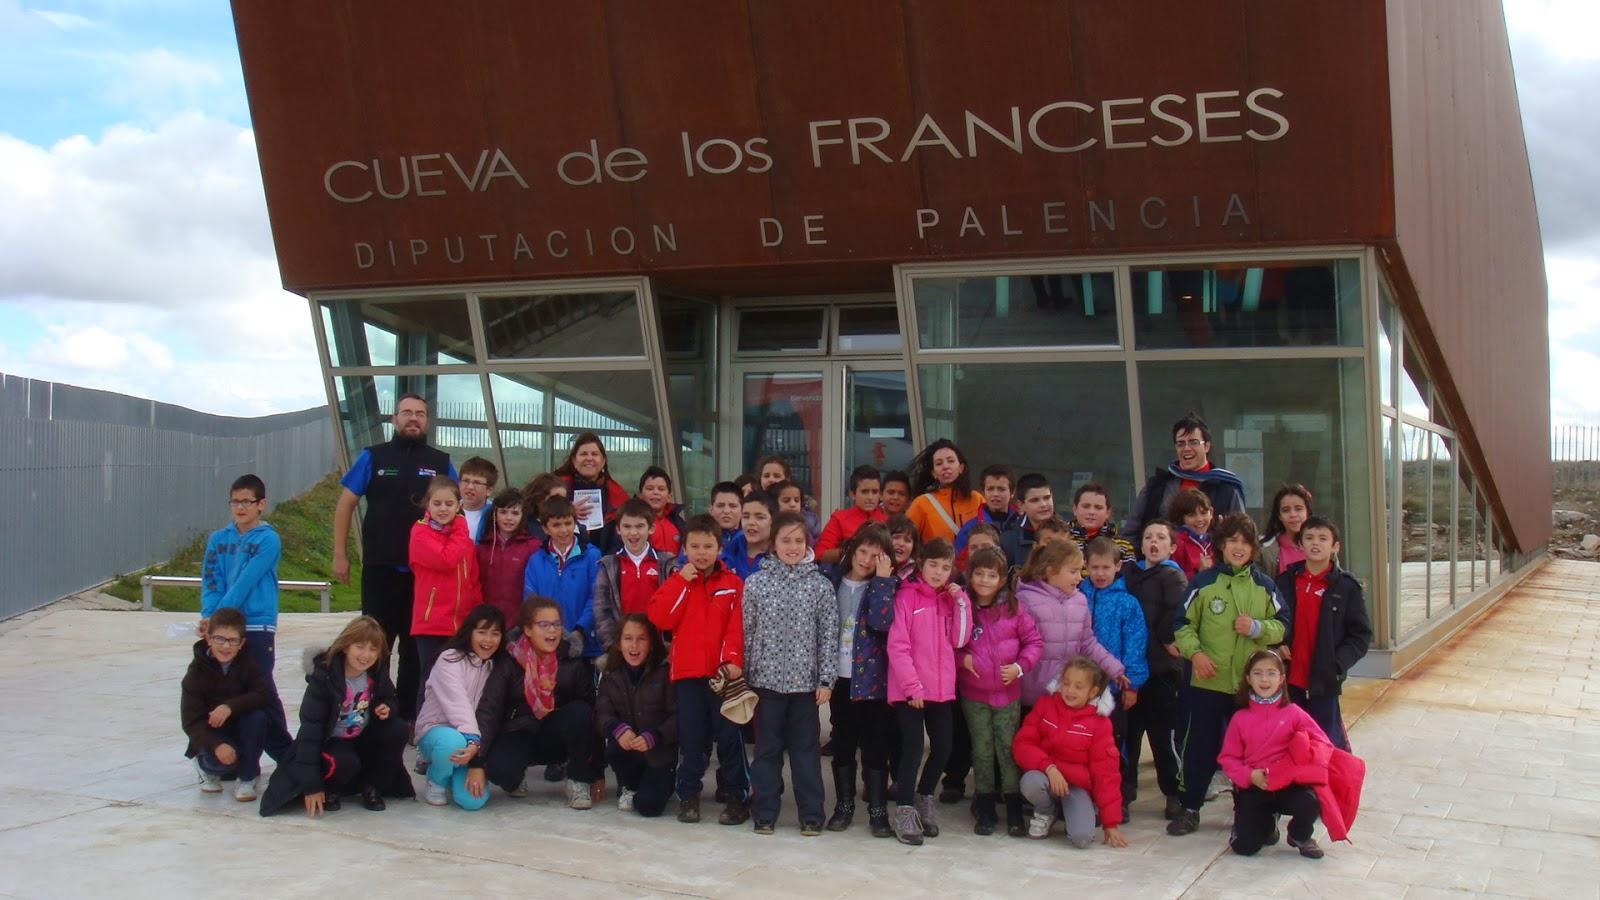 Cueva de los franceses palencia colegio el otero de guardo - Colegio otero de navascues ...